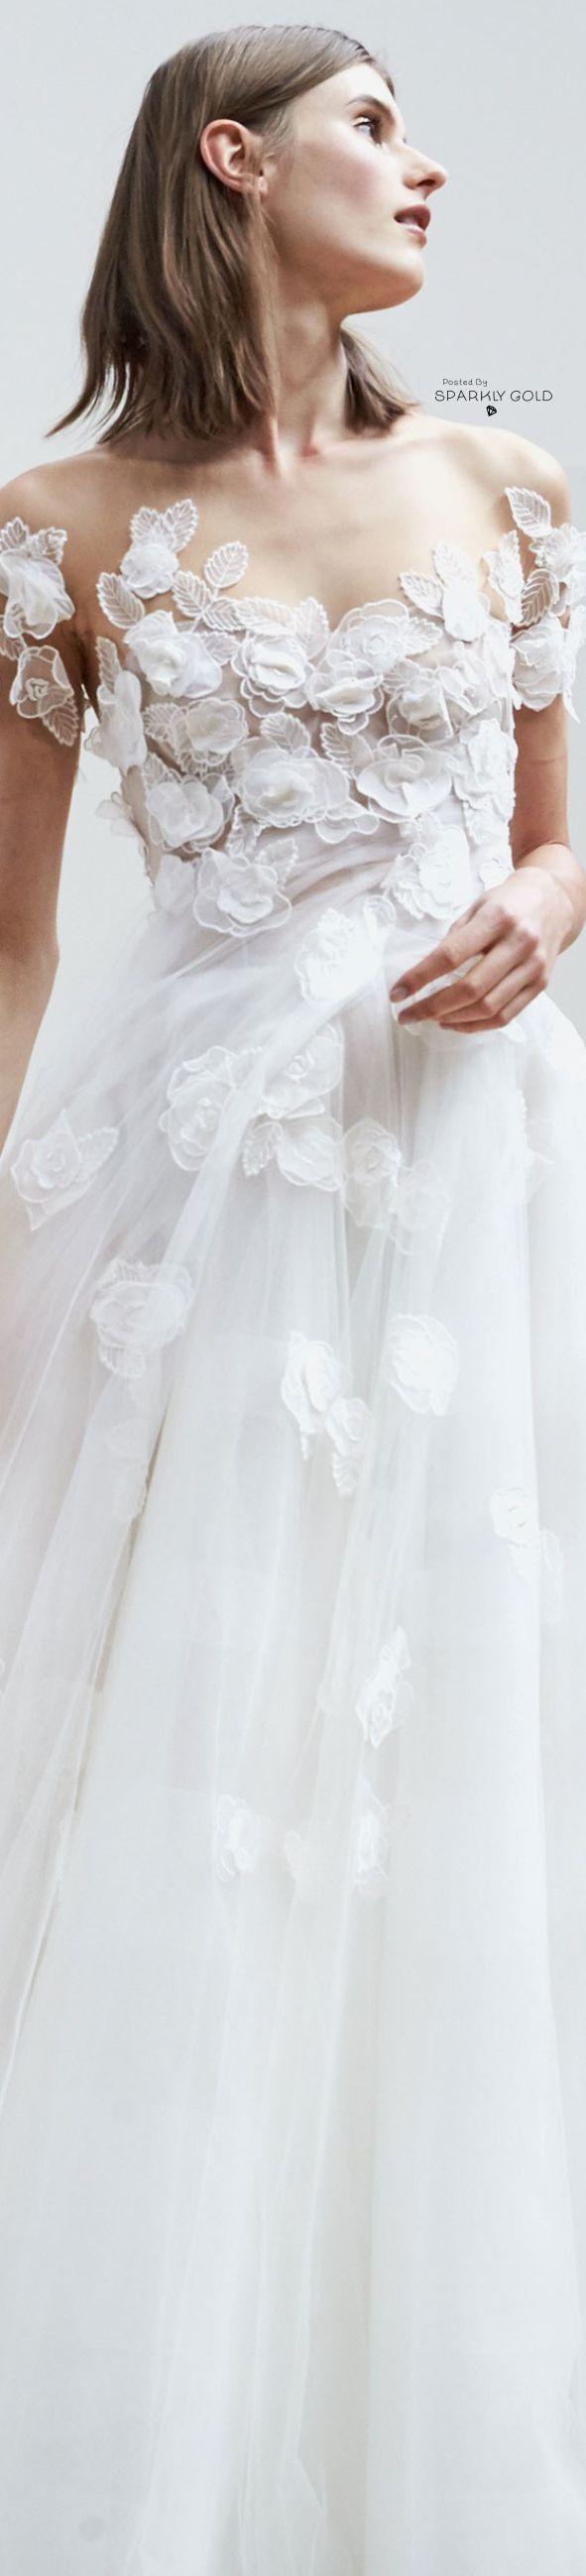 Berühmt Hochzeitskleider Kansas City Zeitgenössisch - Brautkleider ...